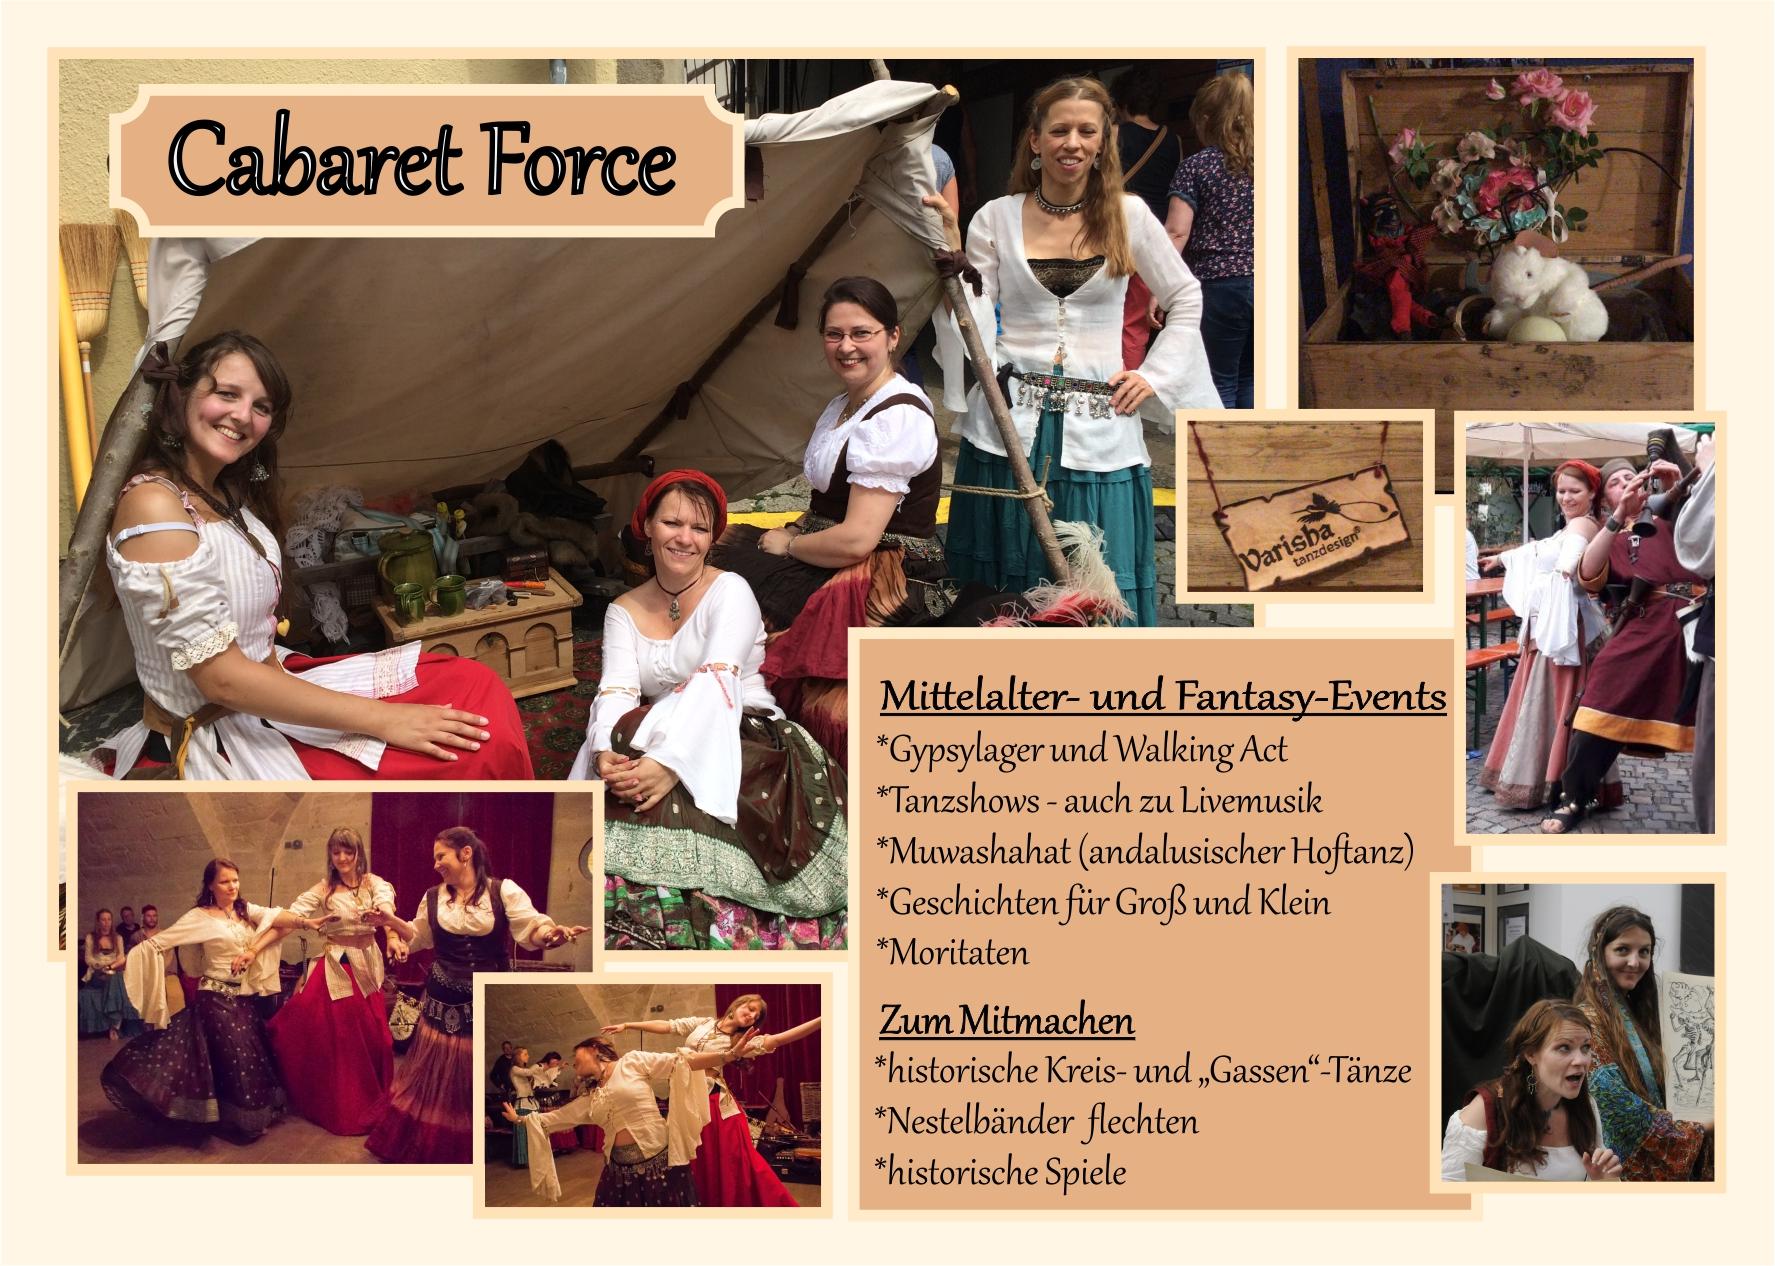 """Varisha und die """"Cabaret Force"""" unterhalten Groß und Klein mit Tanz, Gesang, Geschichten, historischen Spielen und vielem mehr, auch als Walking Act auf Mittelalter und Fantasy Events."""